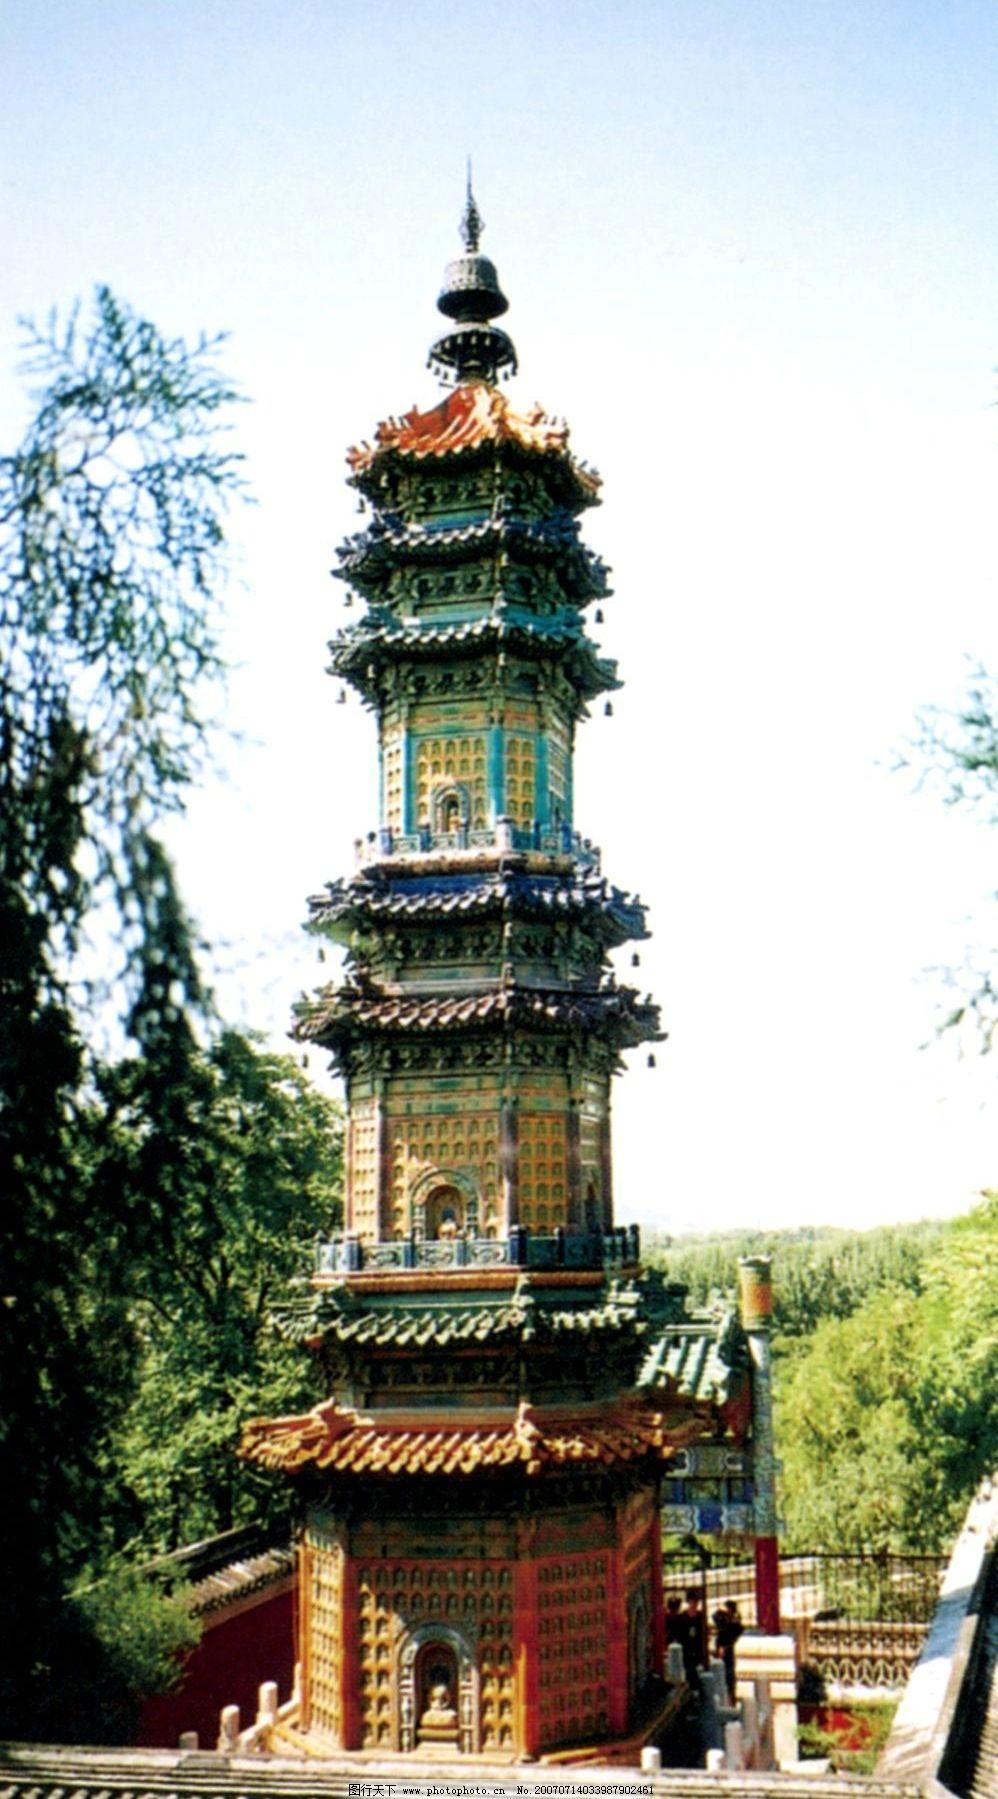 颐和园的古塔 北京颐和园 颐和园 风景 风景名胜 风景区 旅游风景